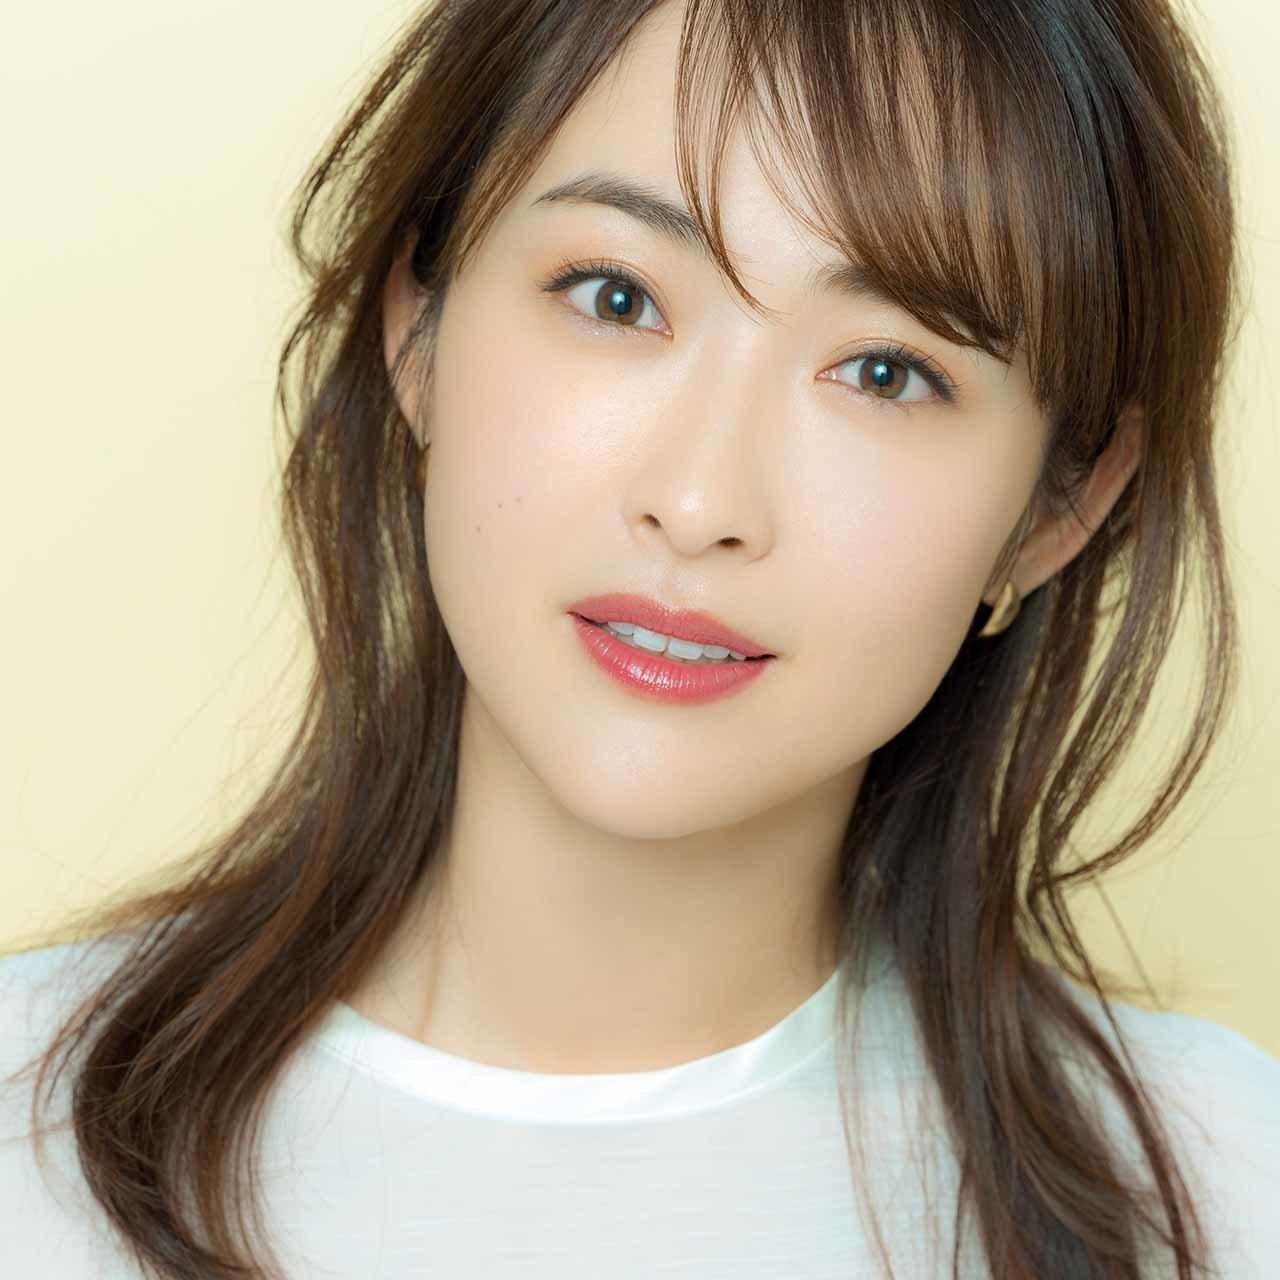 陶器のように端正、凛とした魅力の「きれいめ・セミマット肌」のモデル樋場早紀さん